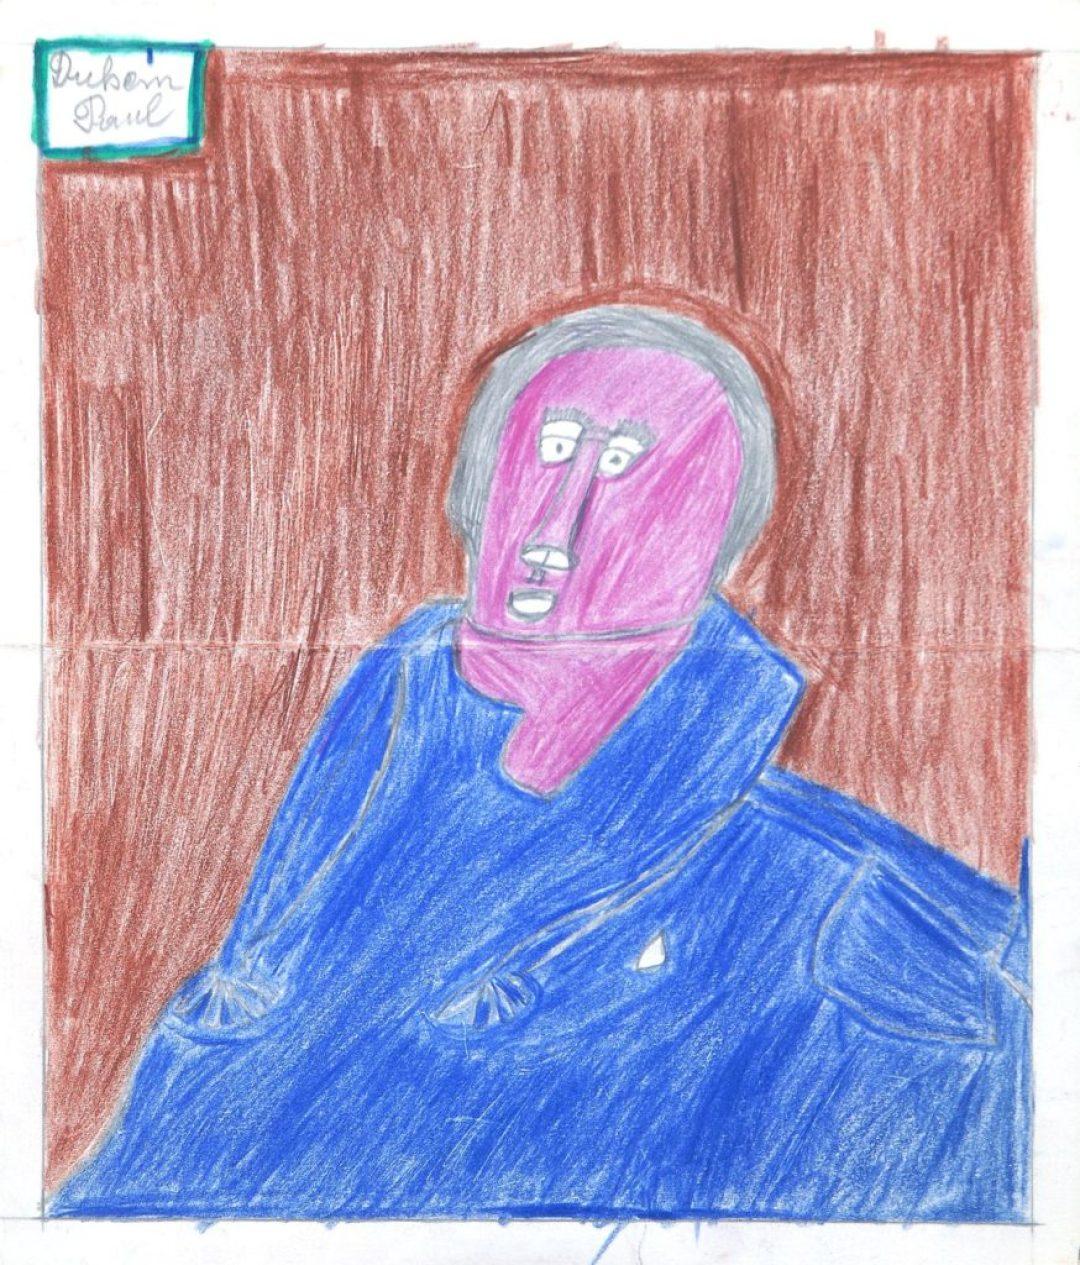 Paul Duhem, sans titre, 1991, crayons de couleur sur papier, 32 x 27,5 cm